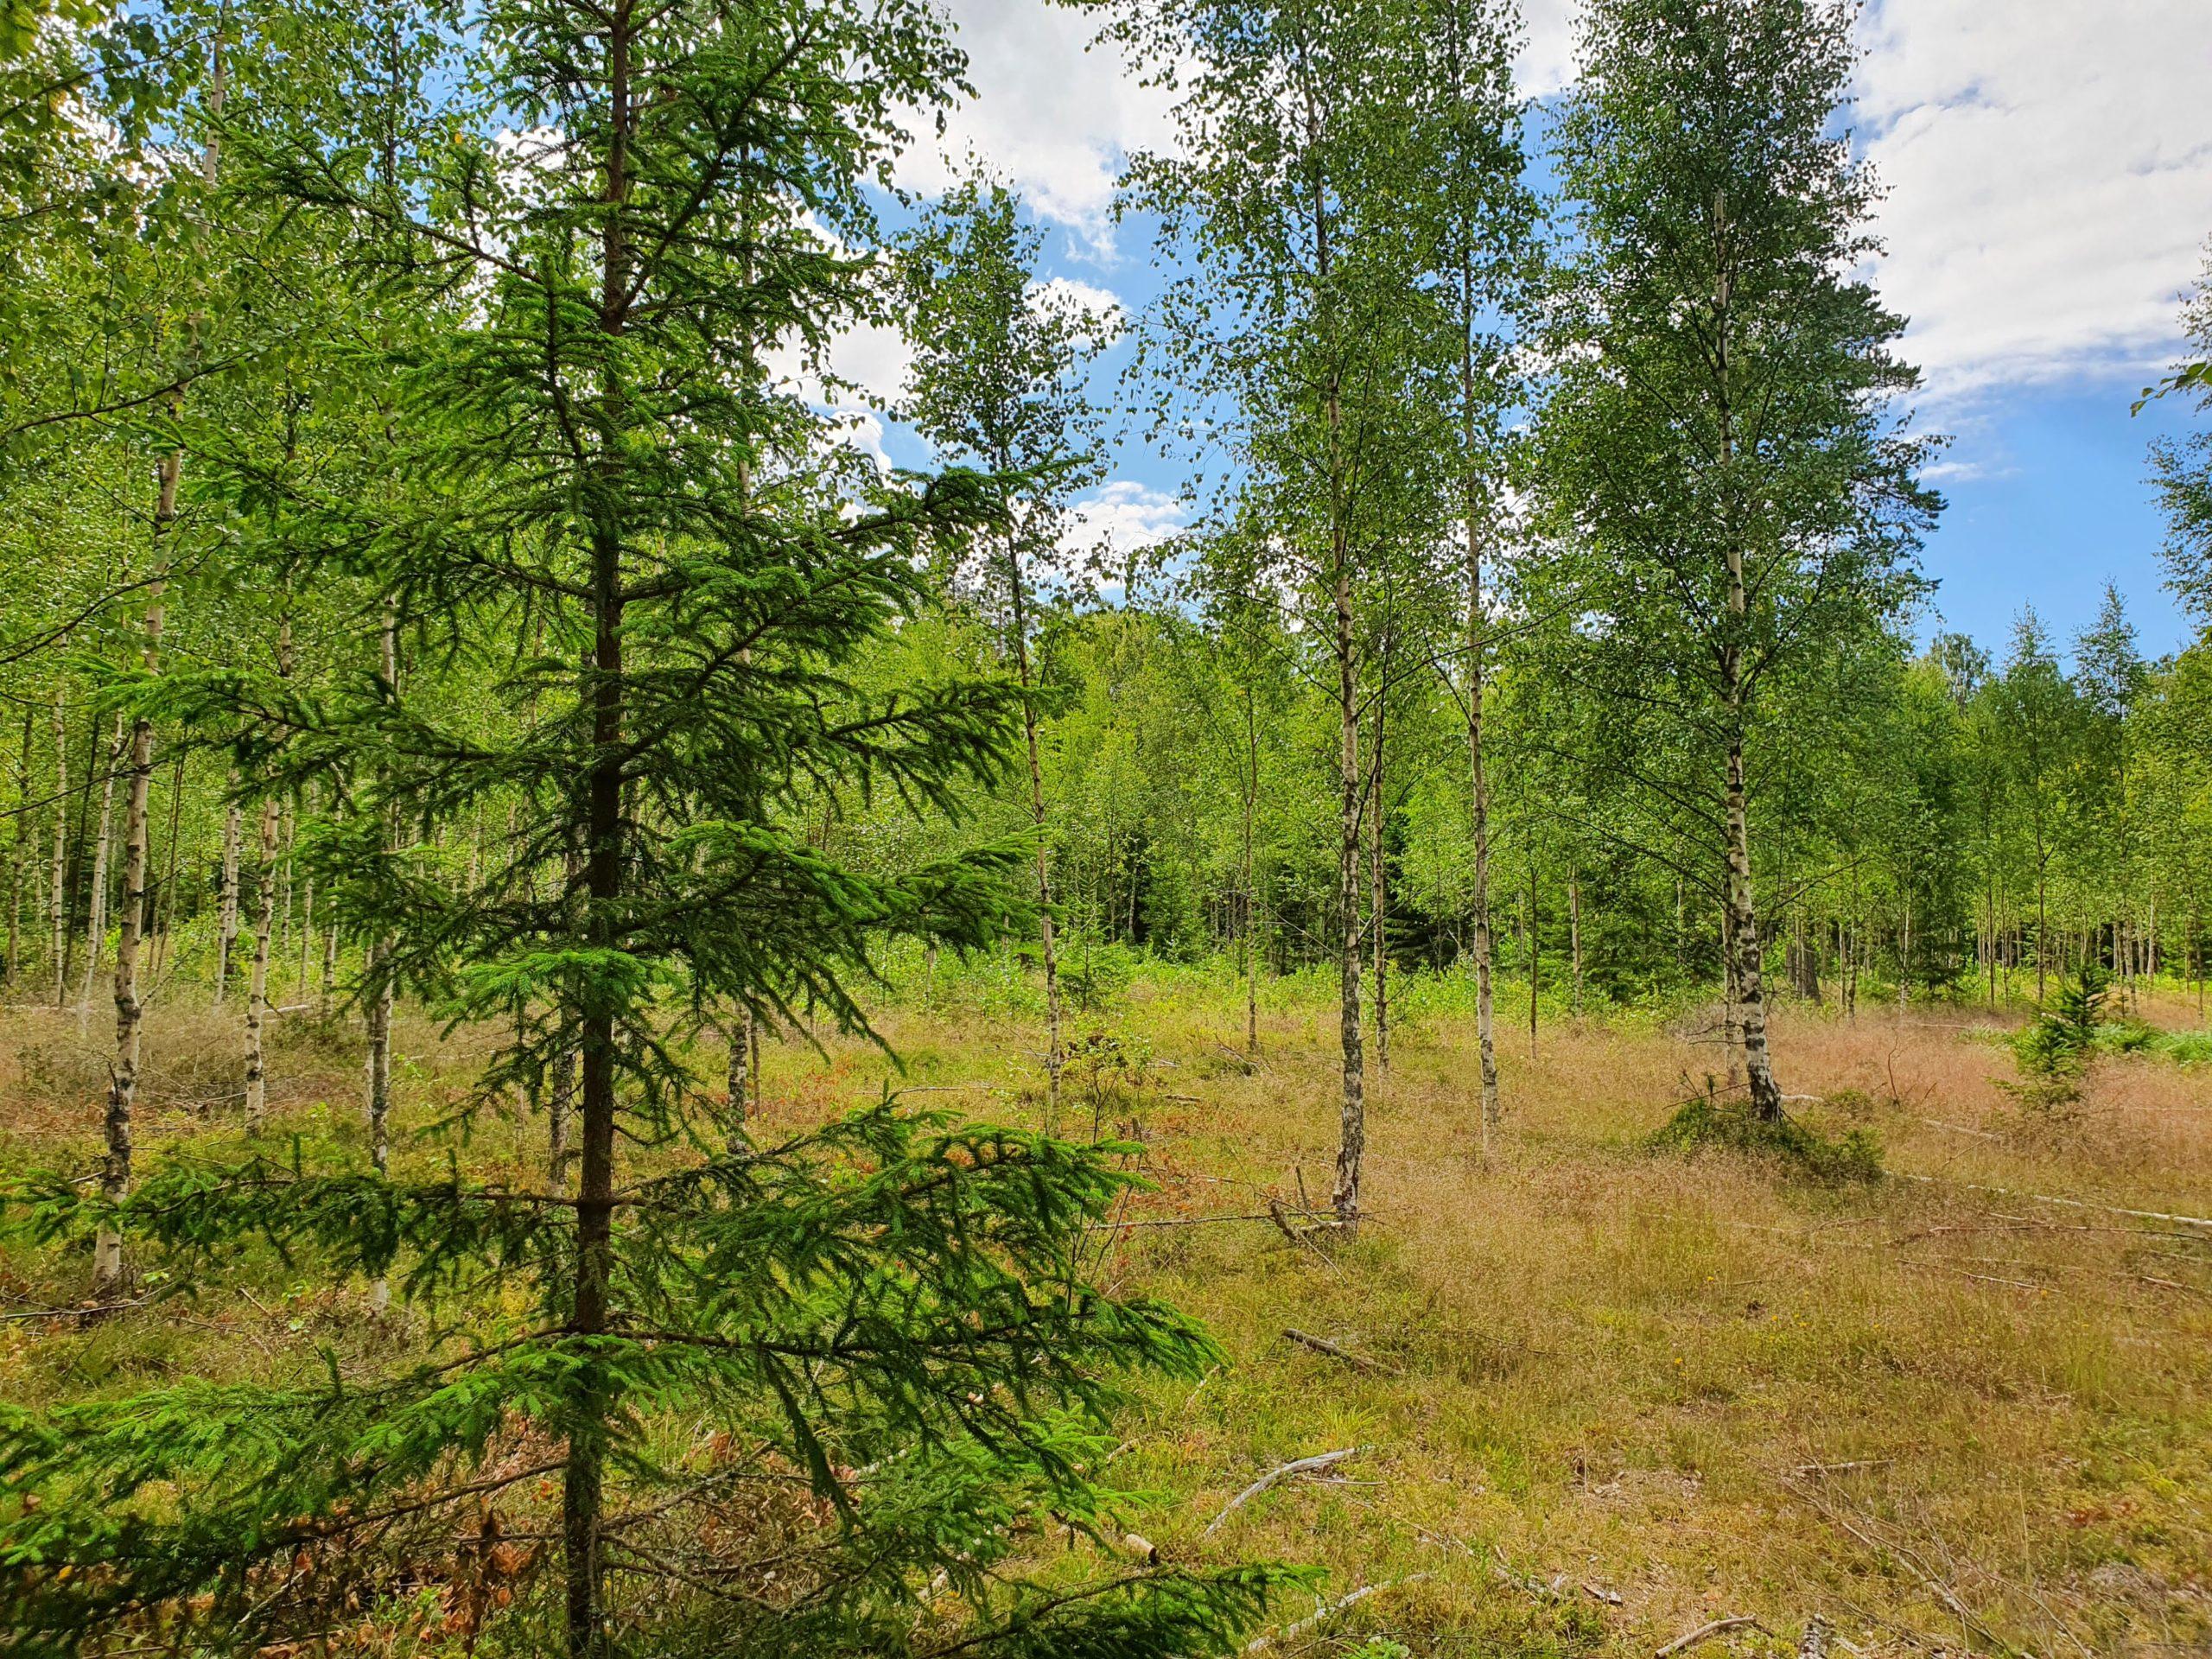 Möödunud aastal istutati Eesti metsadesse ligi 39 miljonit puud